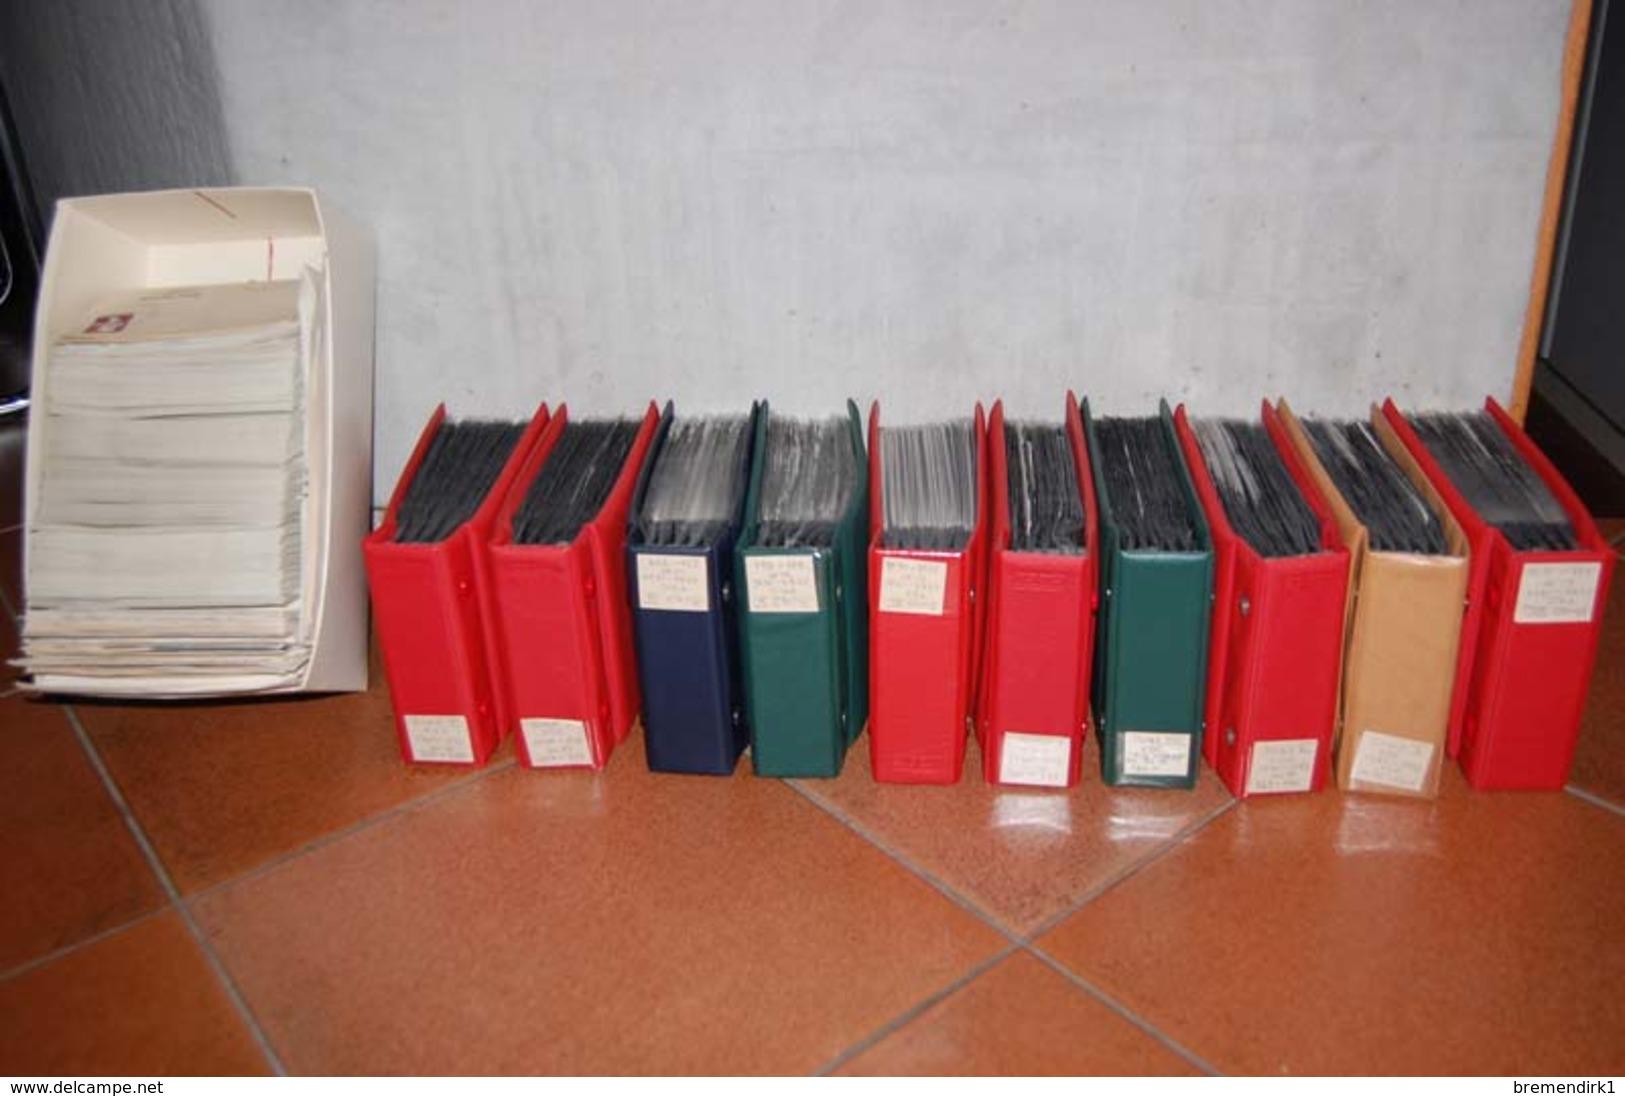 Deutschland - Große Kiste Mehrere Tausend Briefe, FDC Etc. In 10 Alben + Karton, 380 Bilder  ....129 (E) - Stamps